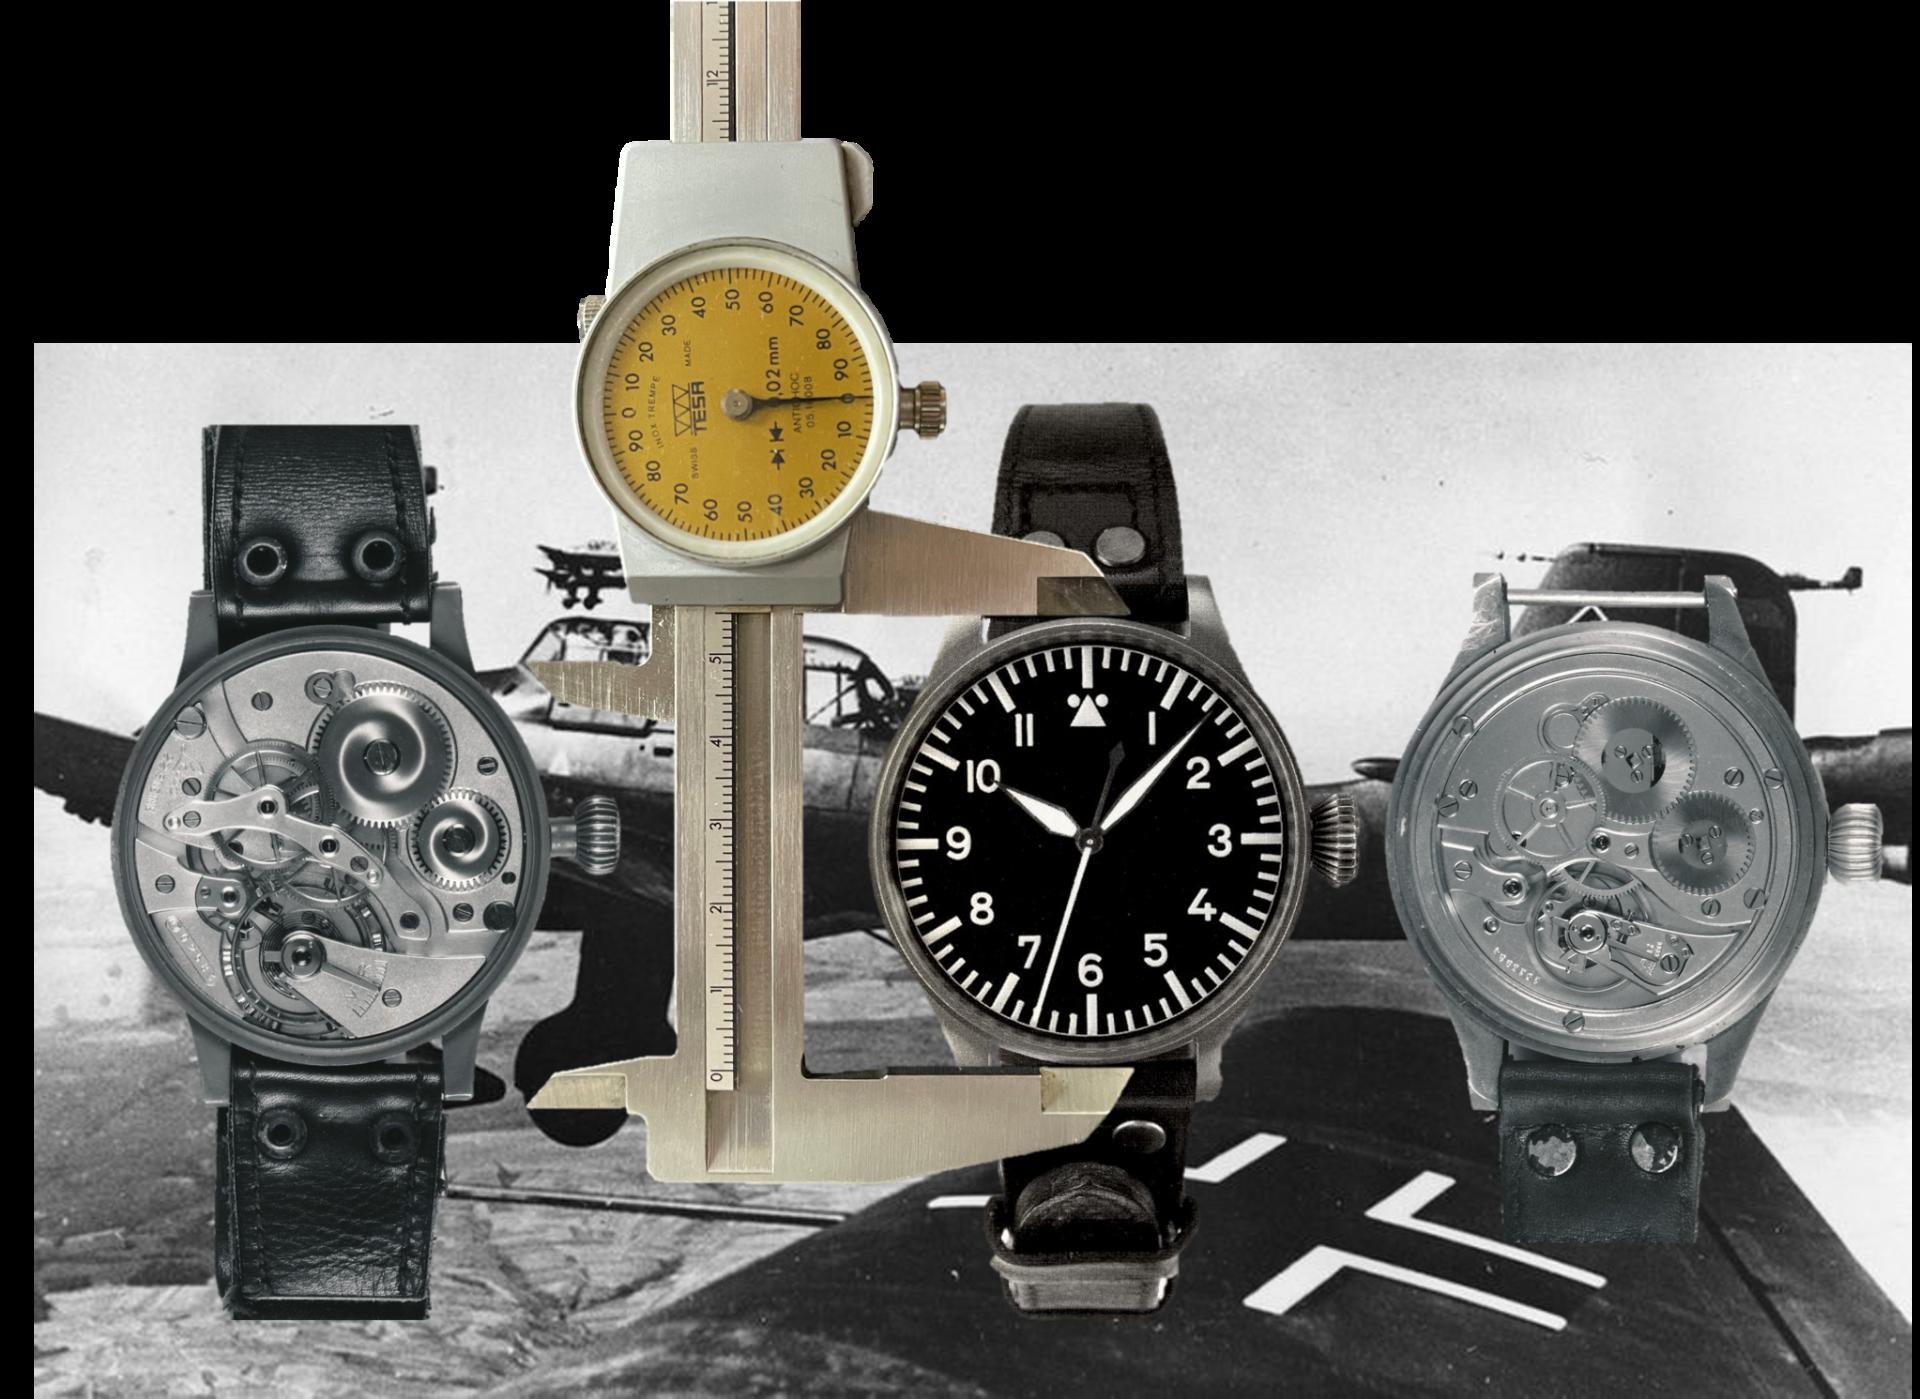 Flieger-Armbanduhren der Deutsche Luftwaffe von 1940 mit dem Kaliber Laco Durowe 22 Linien und IWC Kaliber 52 SC